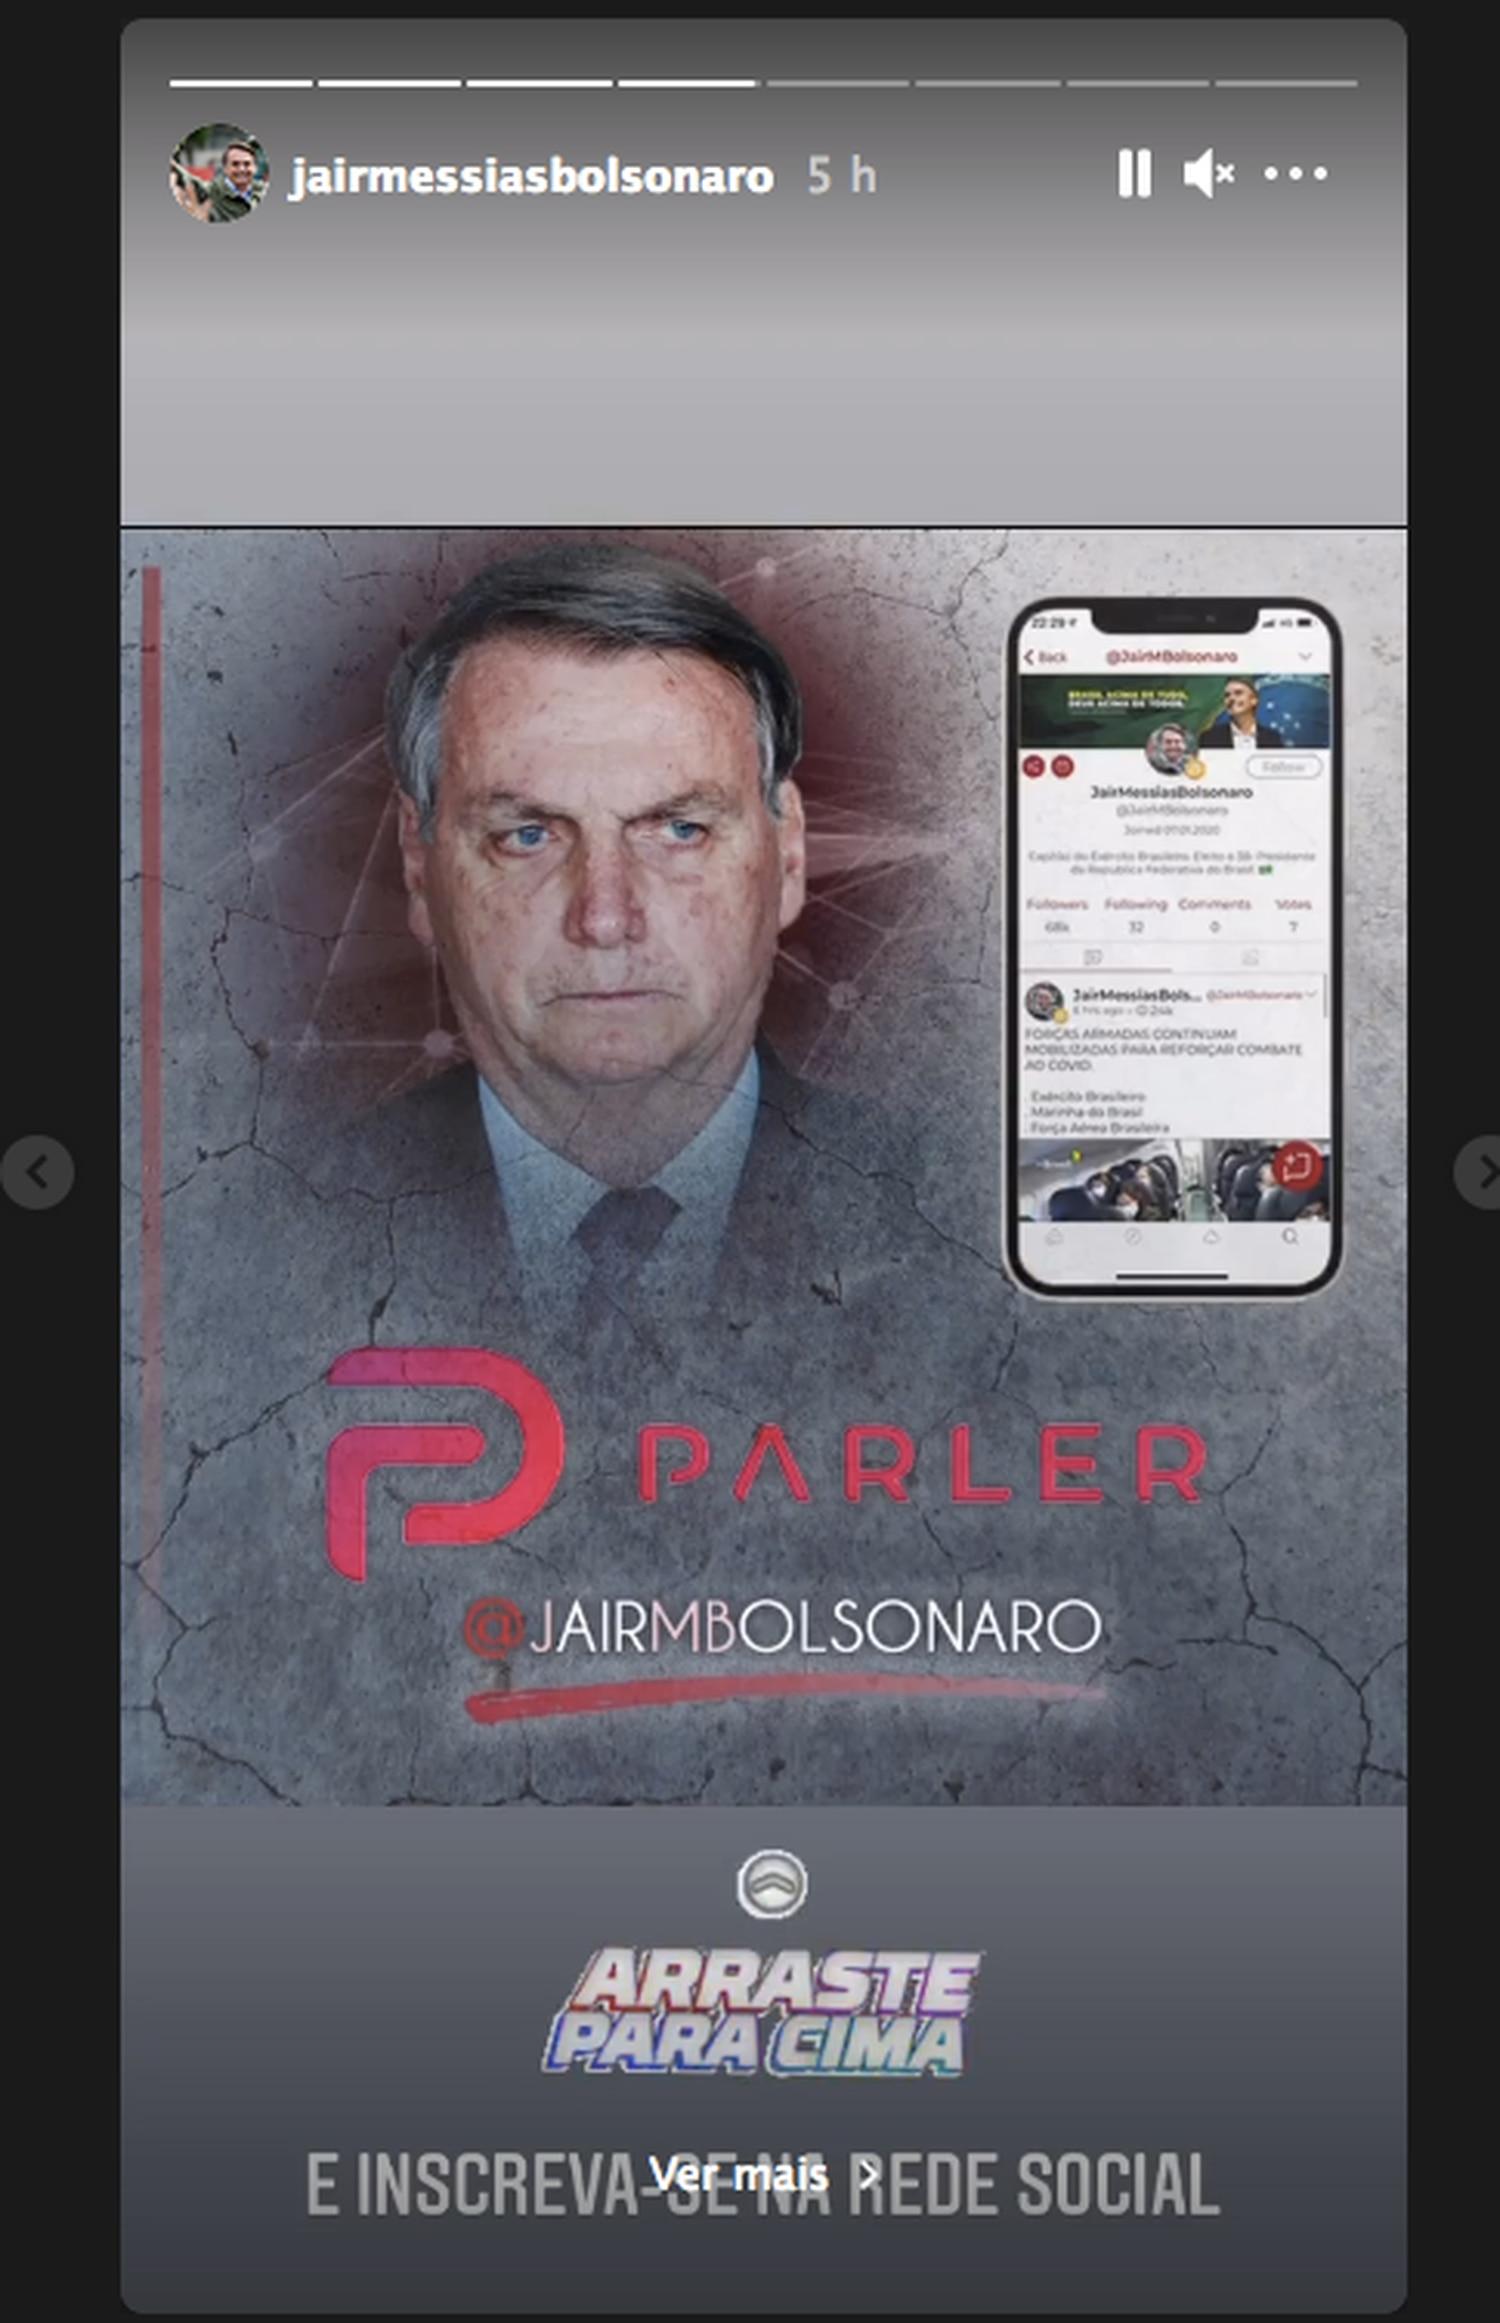 Bolsonaro invita a seguirlo en Parler, la red social que se ha convertido en un refugio para los seguidores de Trump.